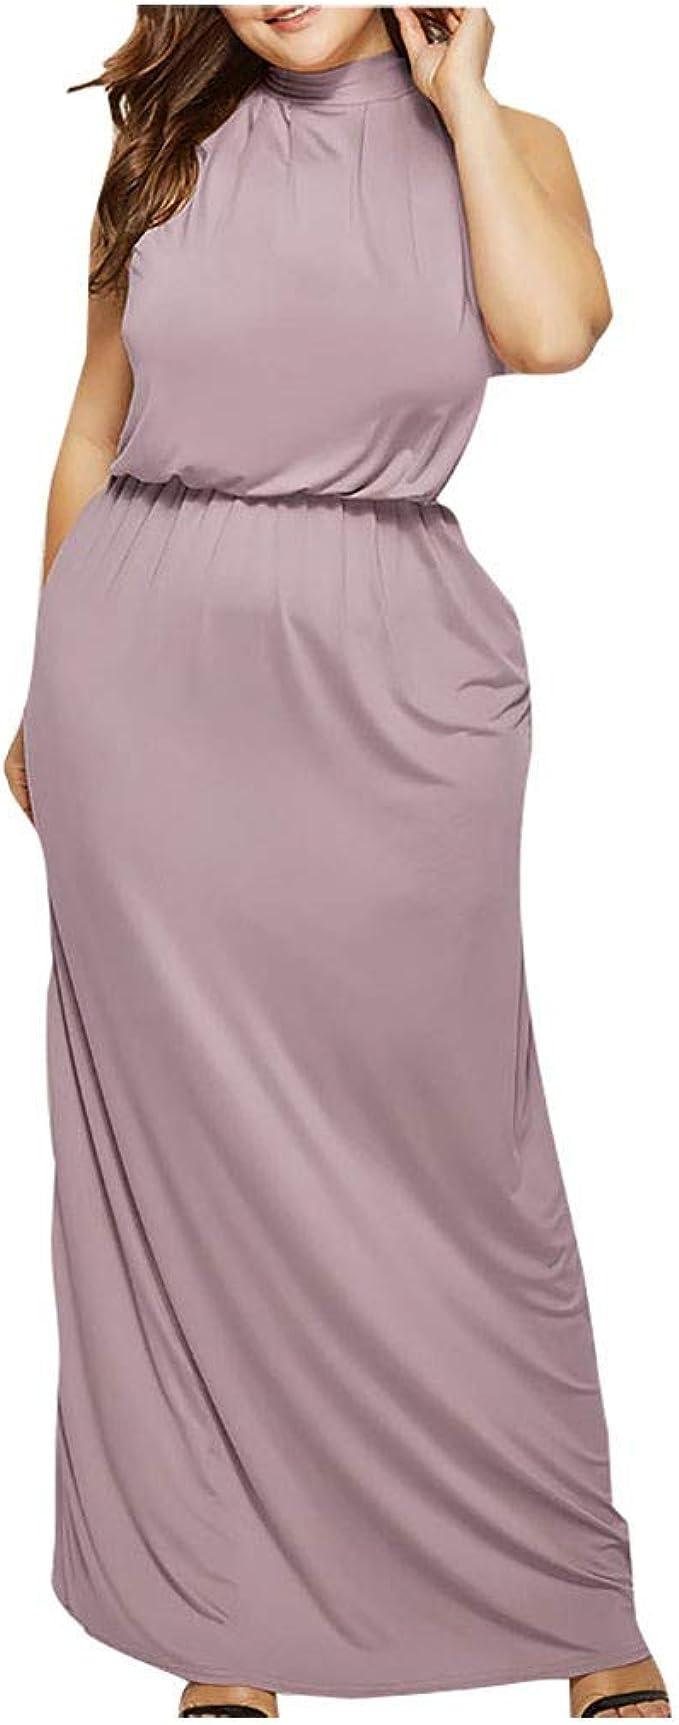 Smony Kleid Damen Abendkleider Große Größe Ärmellos O-Ausschnitt